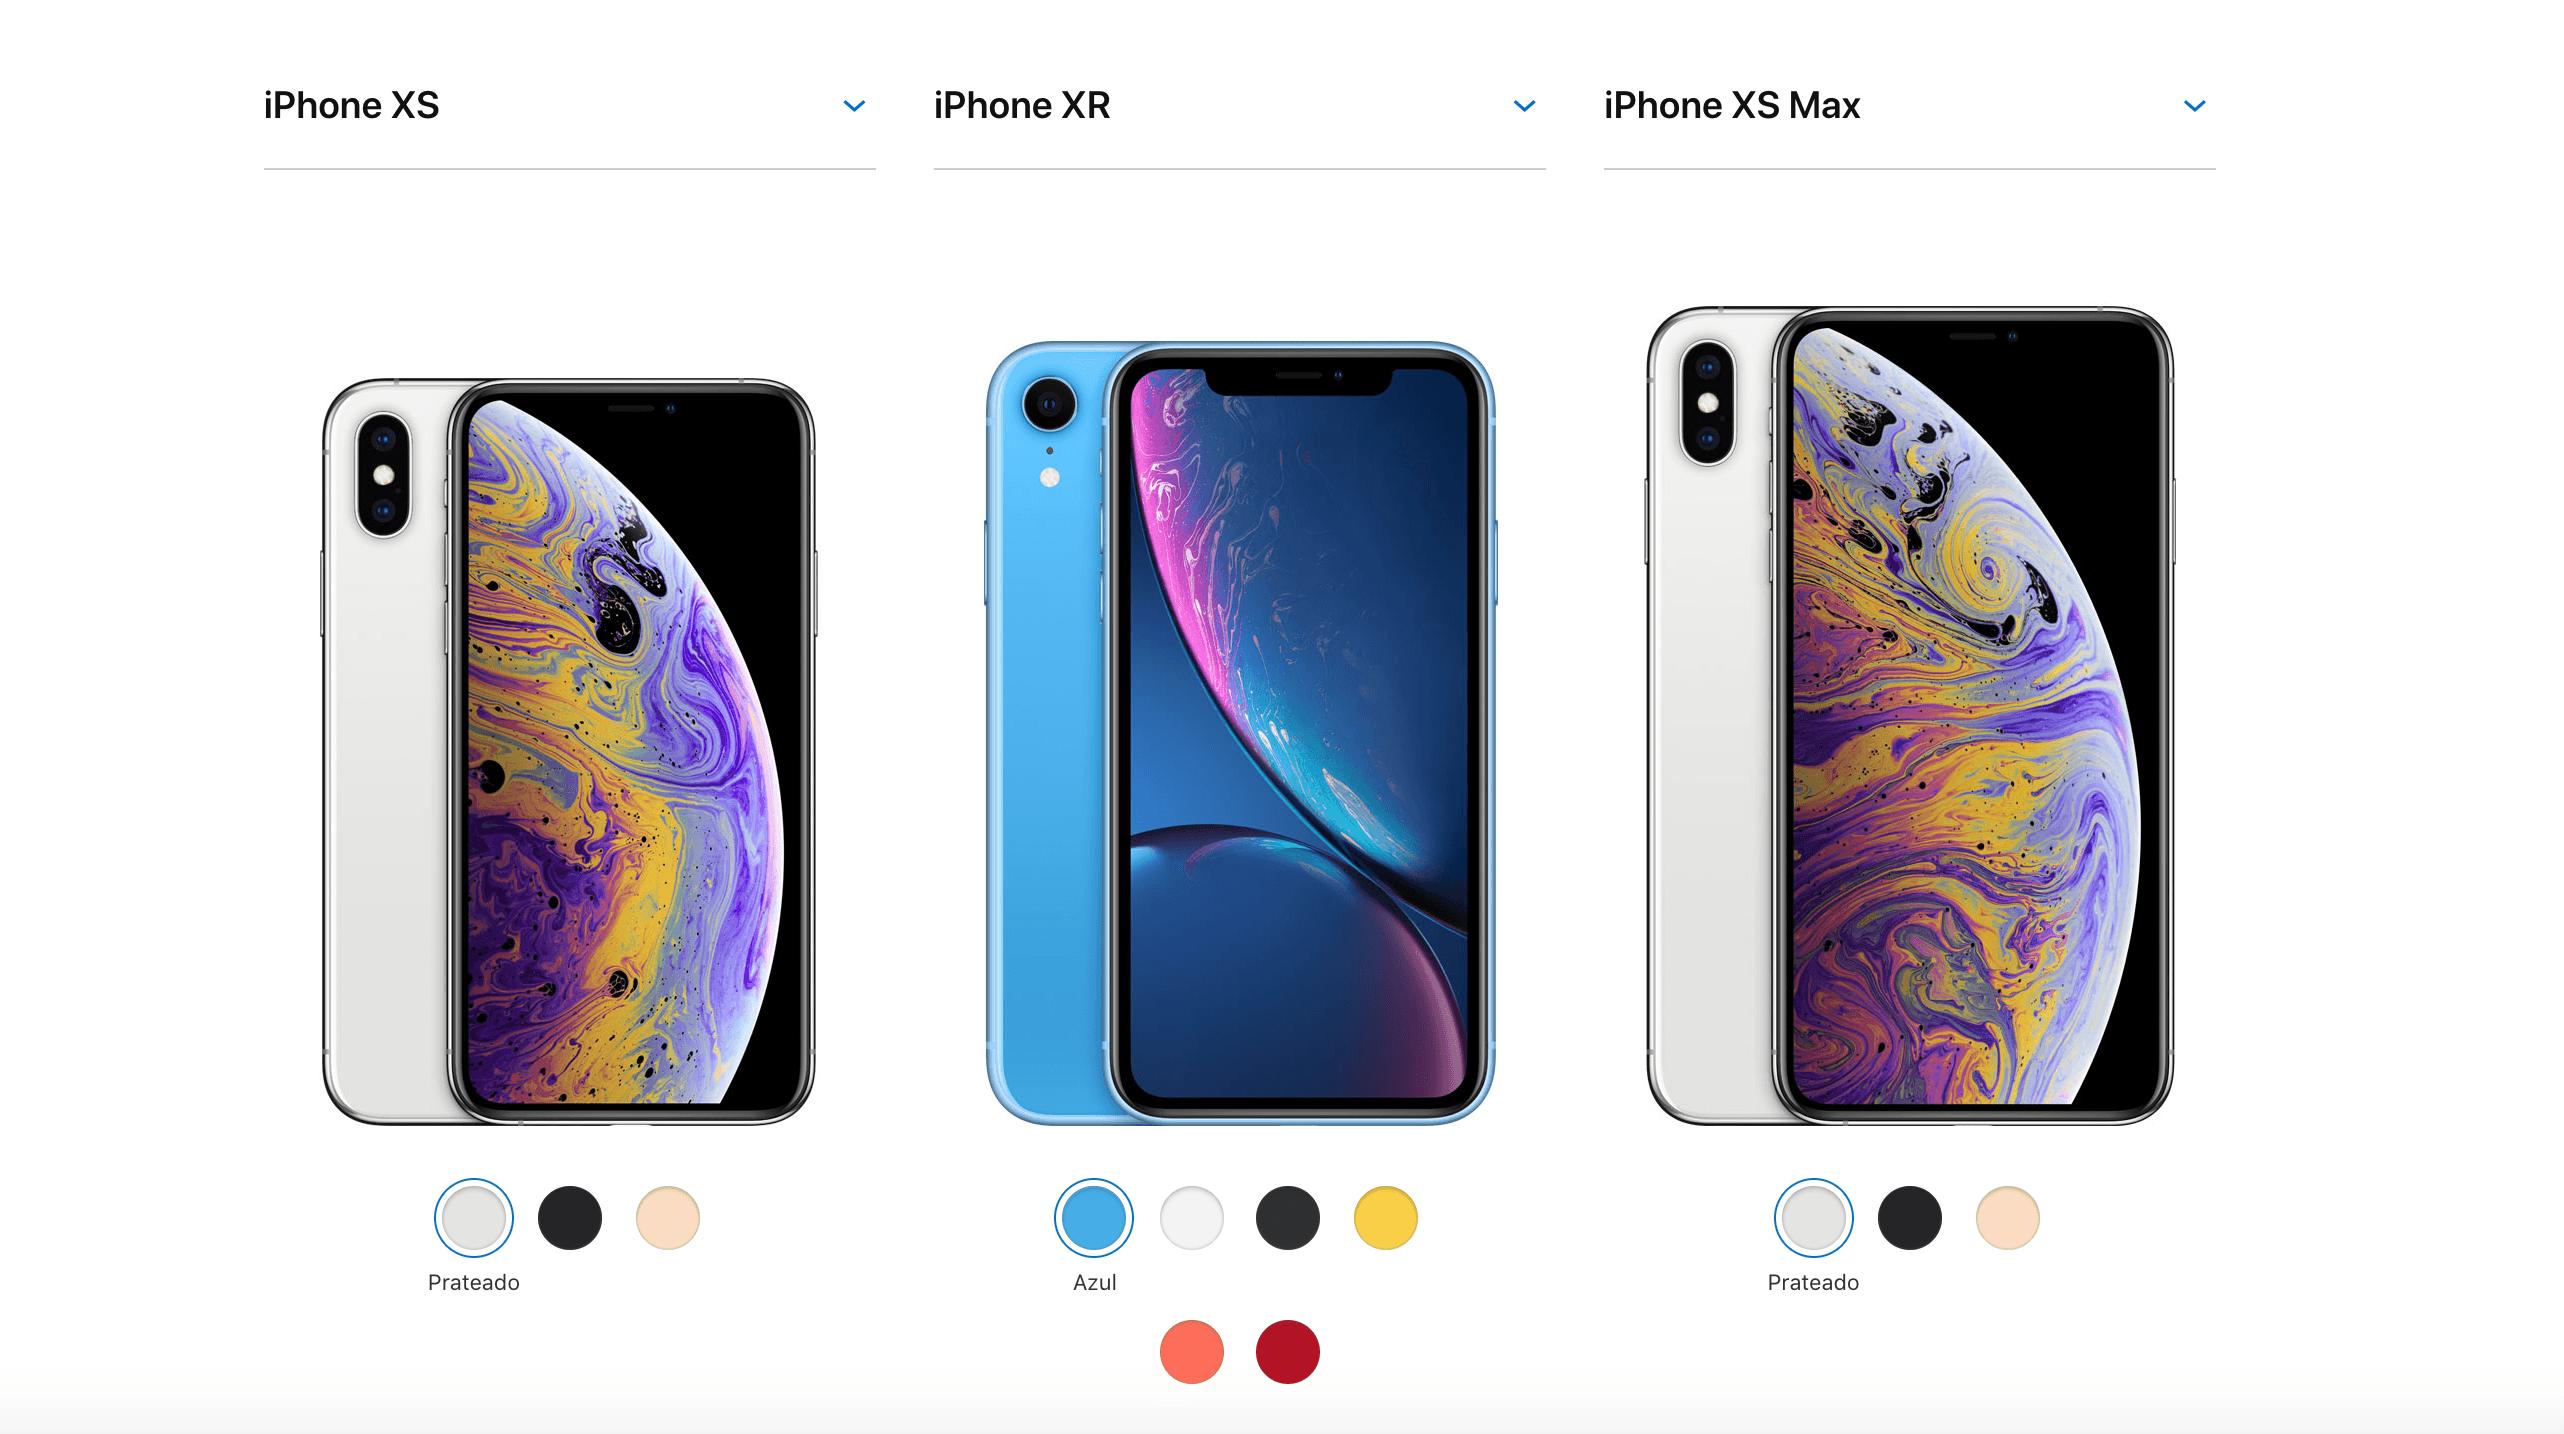 Novos modelos do iPhone lançados em setembro